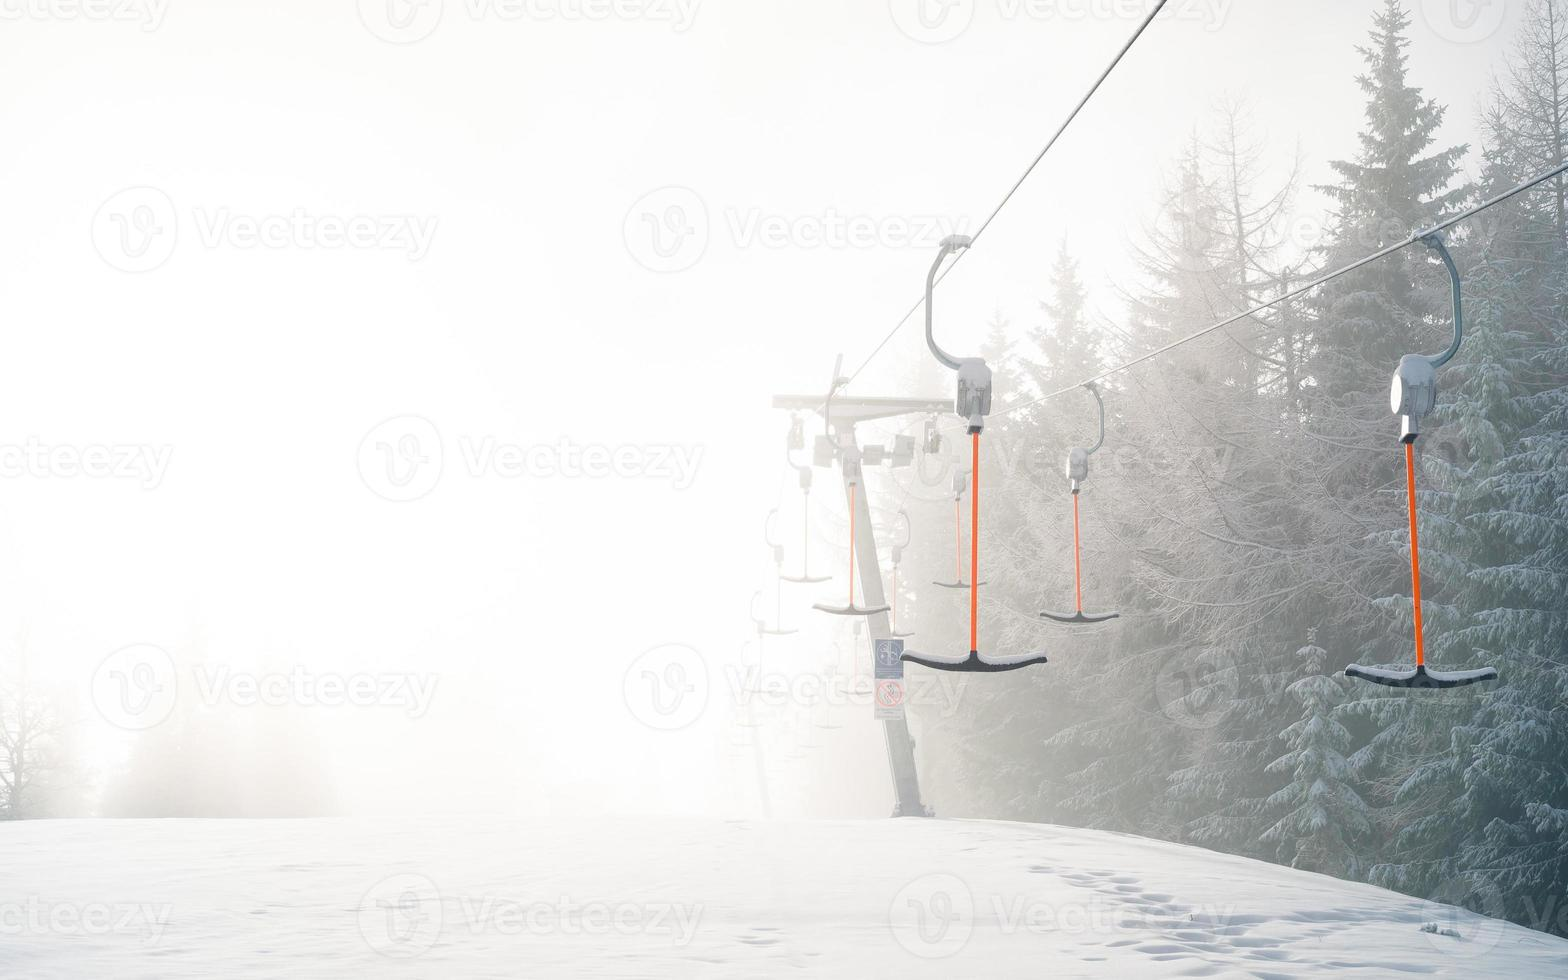 vinter säsong foto